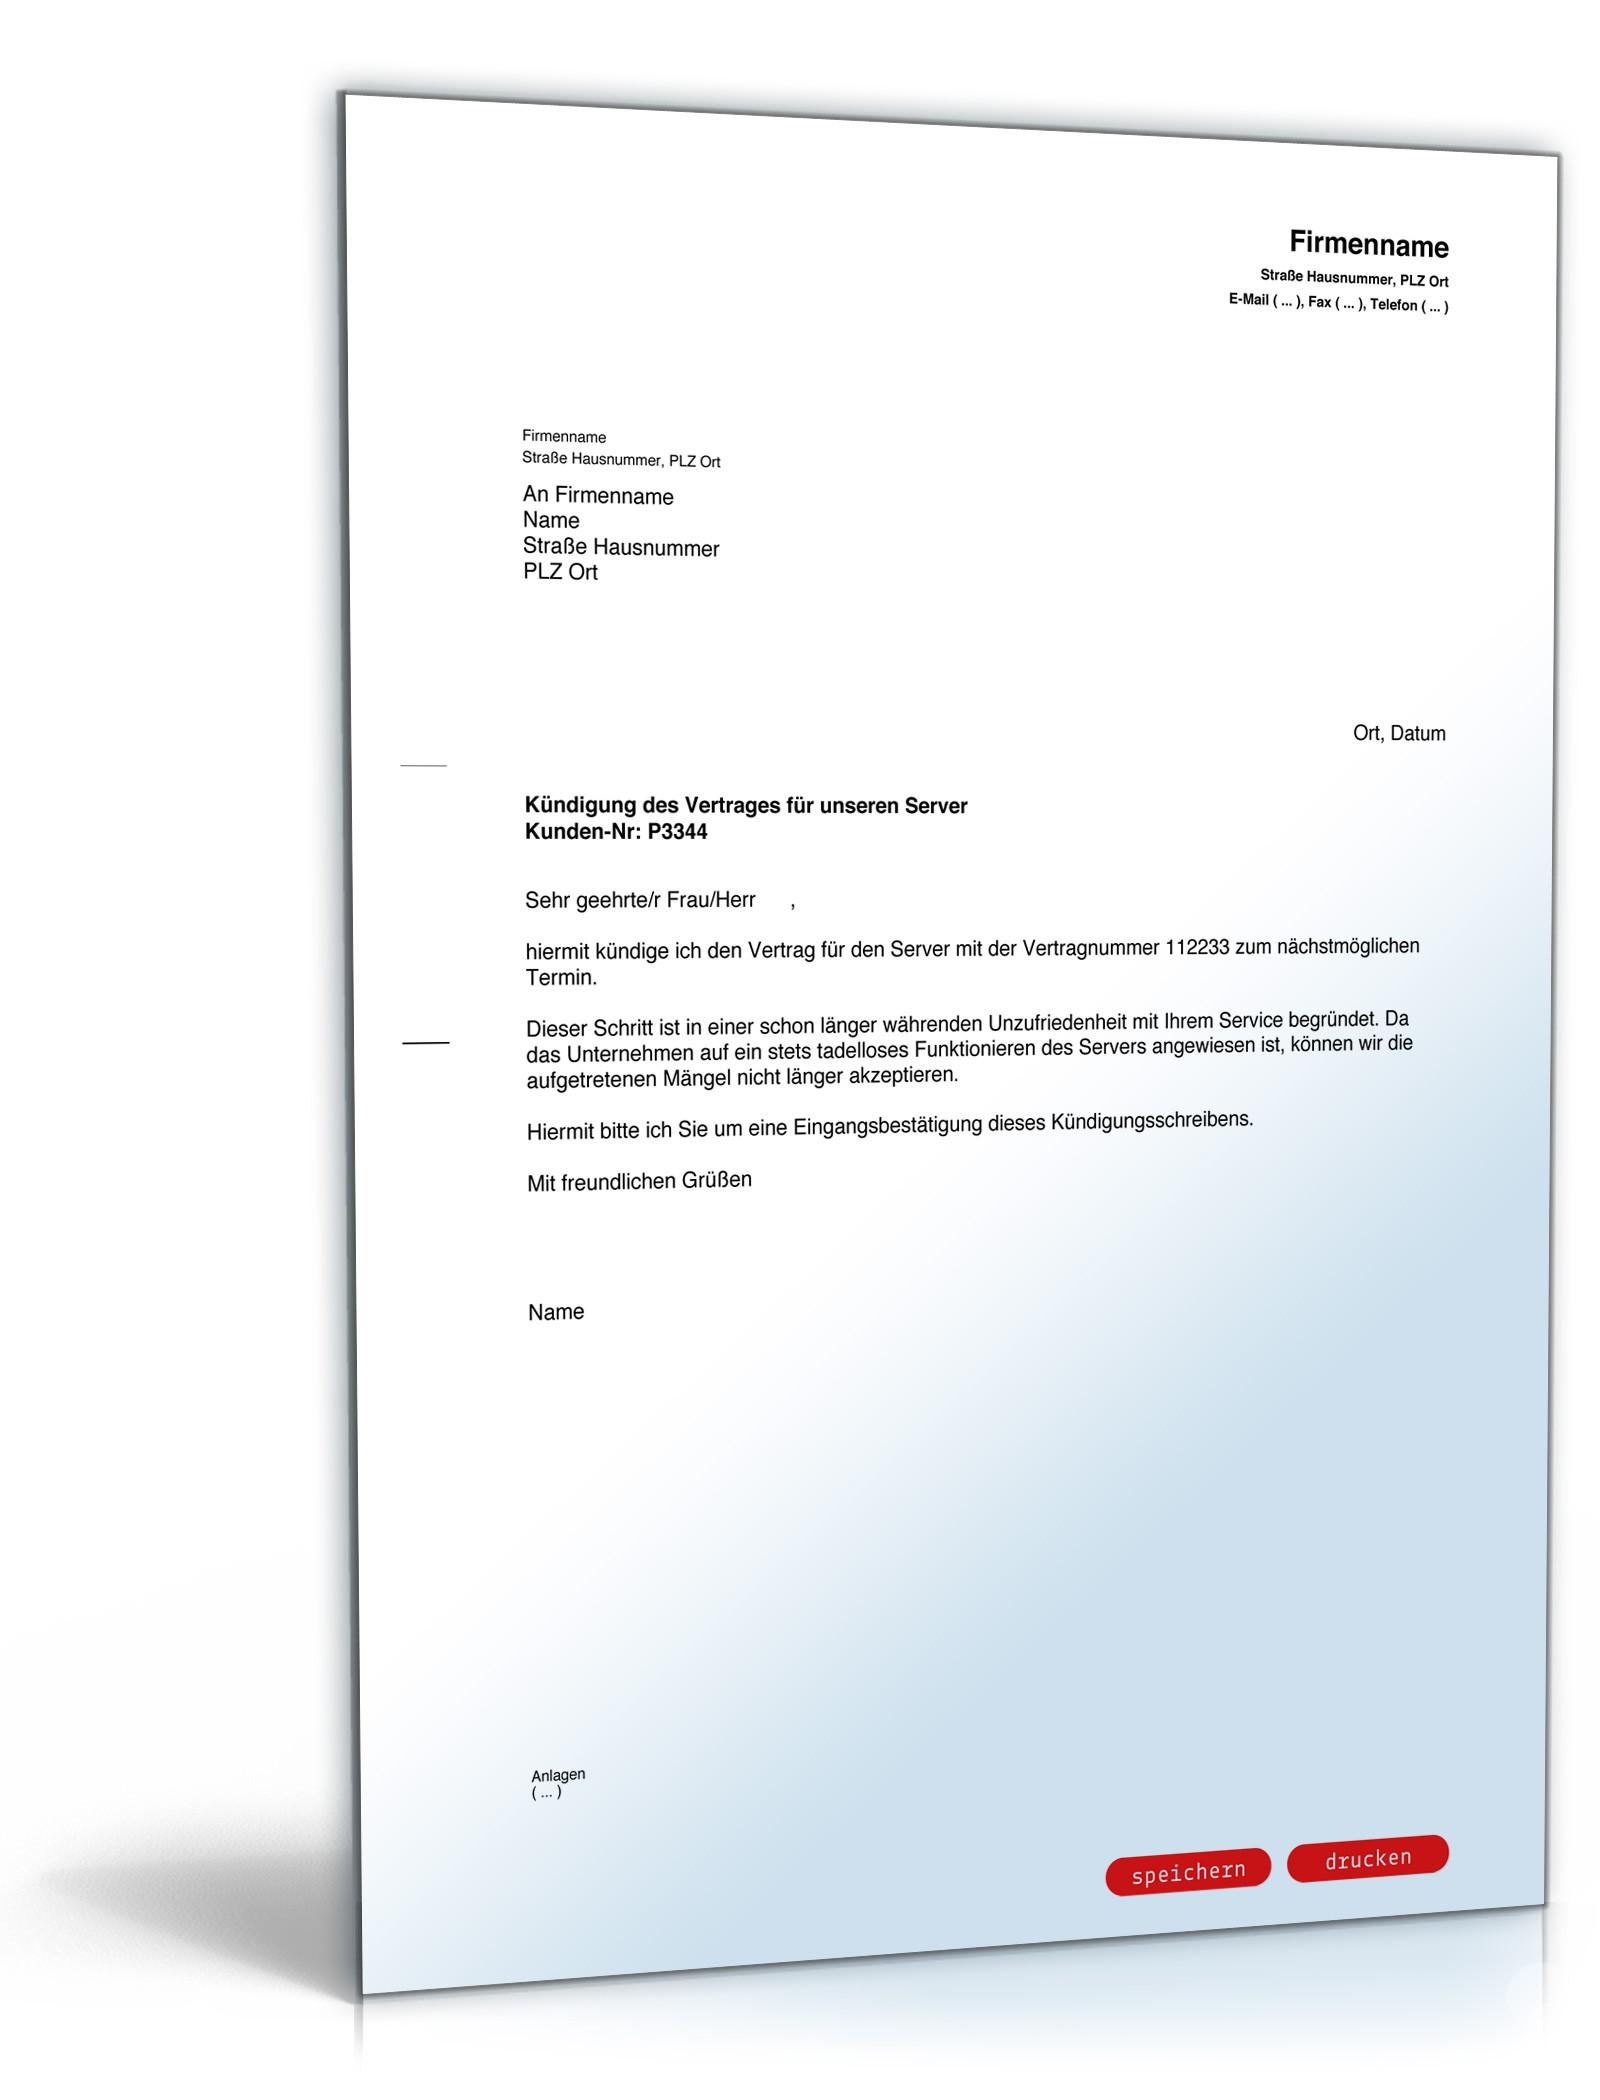 Kündigung Server: Rechtssichere Vorlage für Kündigungsschreiben